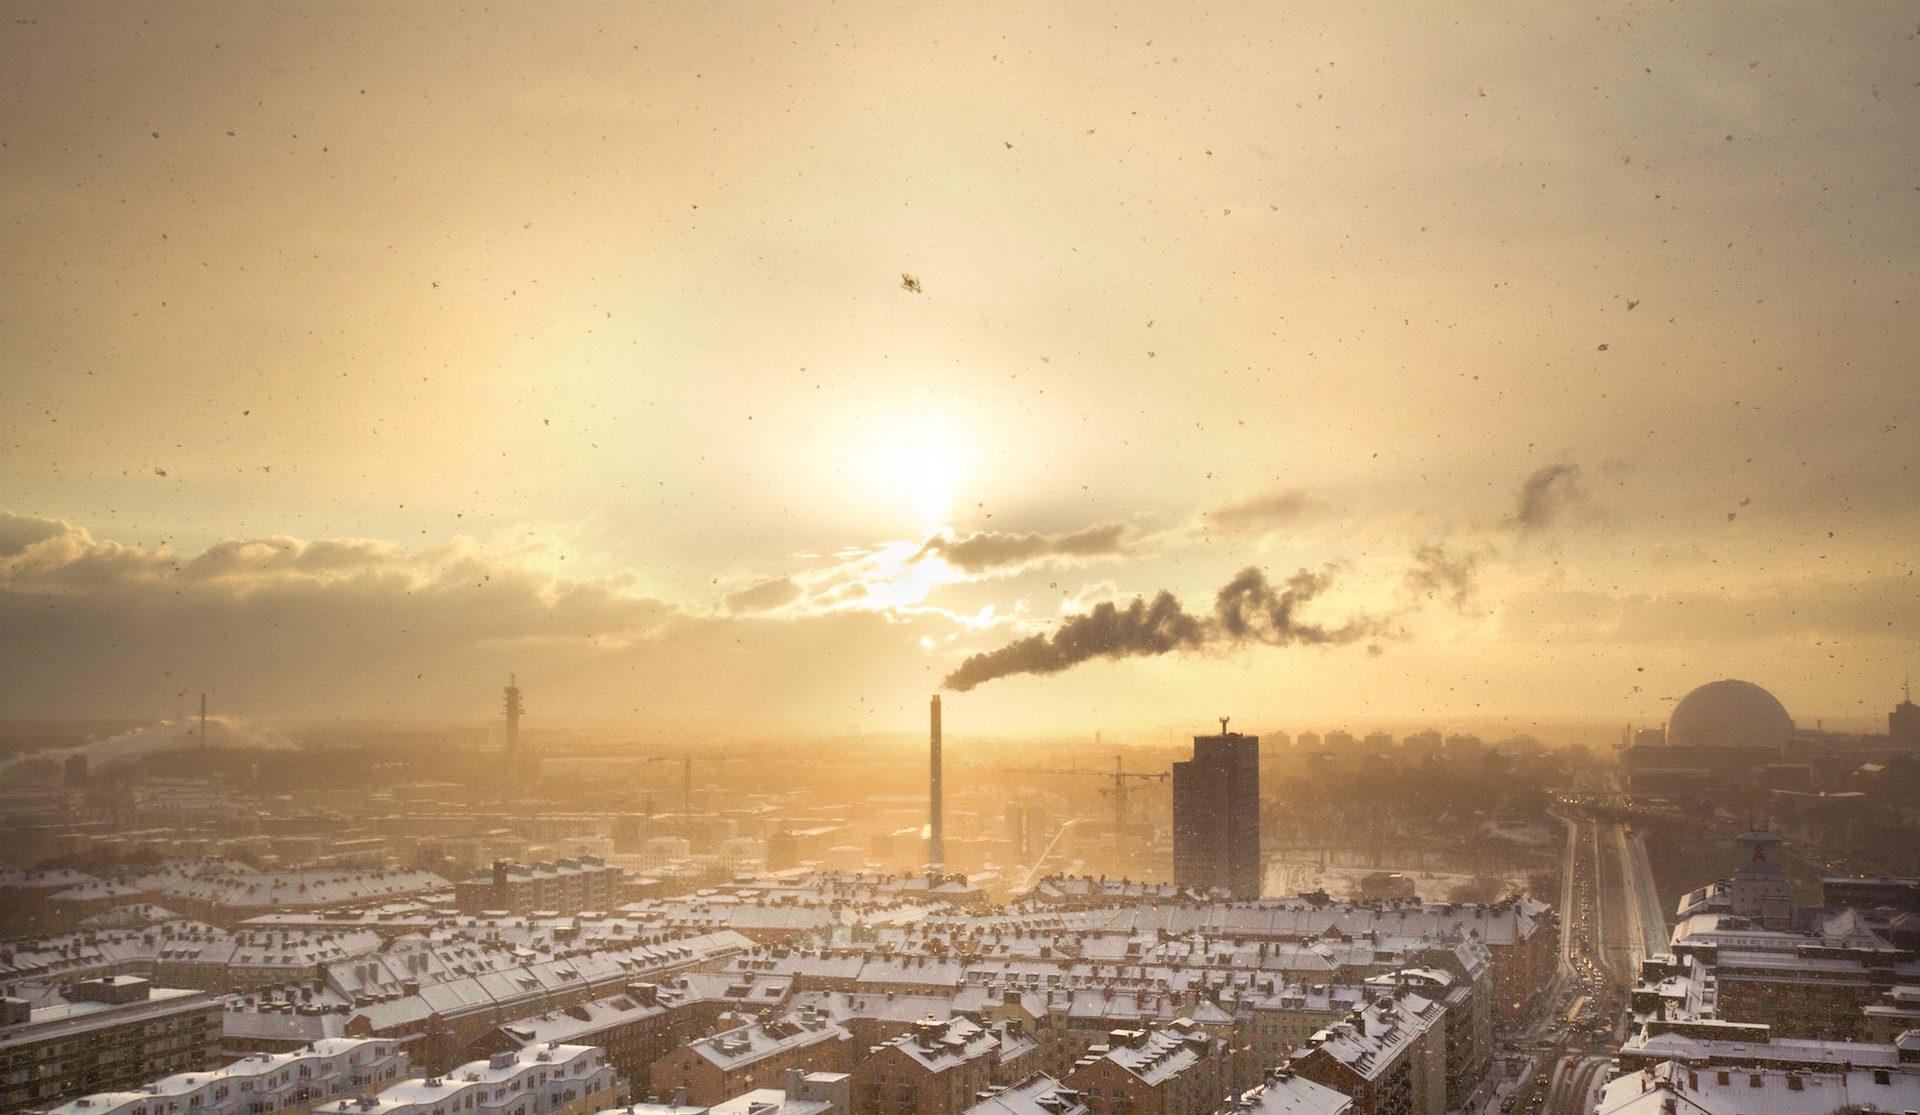 καπνός, σύννεφα, polución, contaminación, σκόνη - Wallpapers HD - Professor-falken.com